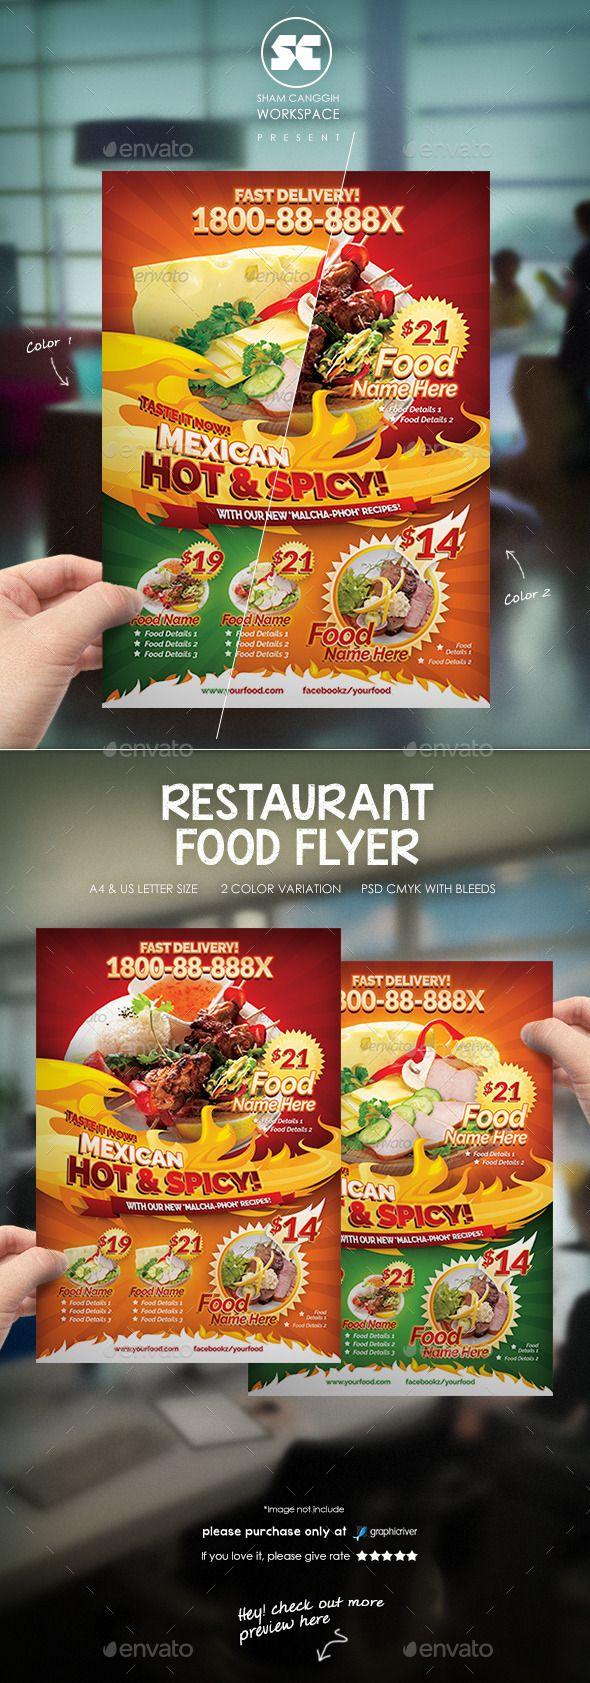 food delivery flyer samples